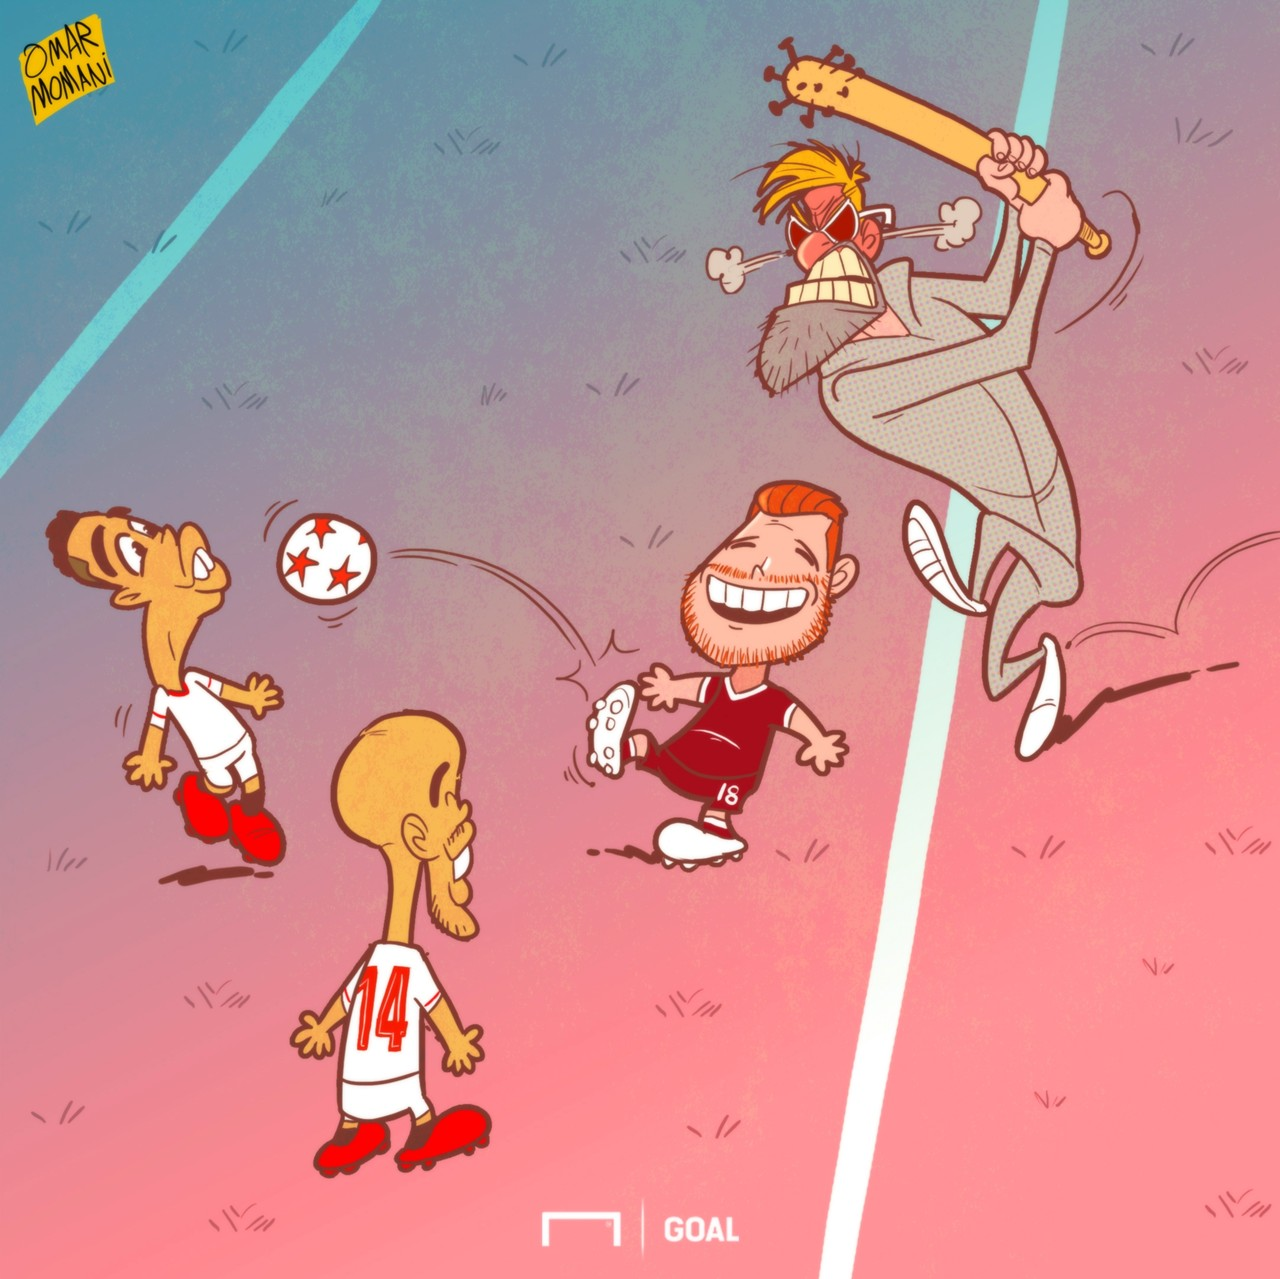 Galeri Kartun Goal Internasional 2017 - Pemain Liverpool Tidak Bermain Sepakbola